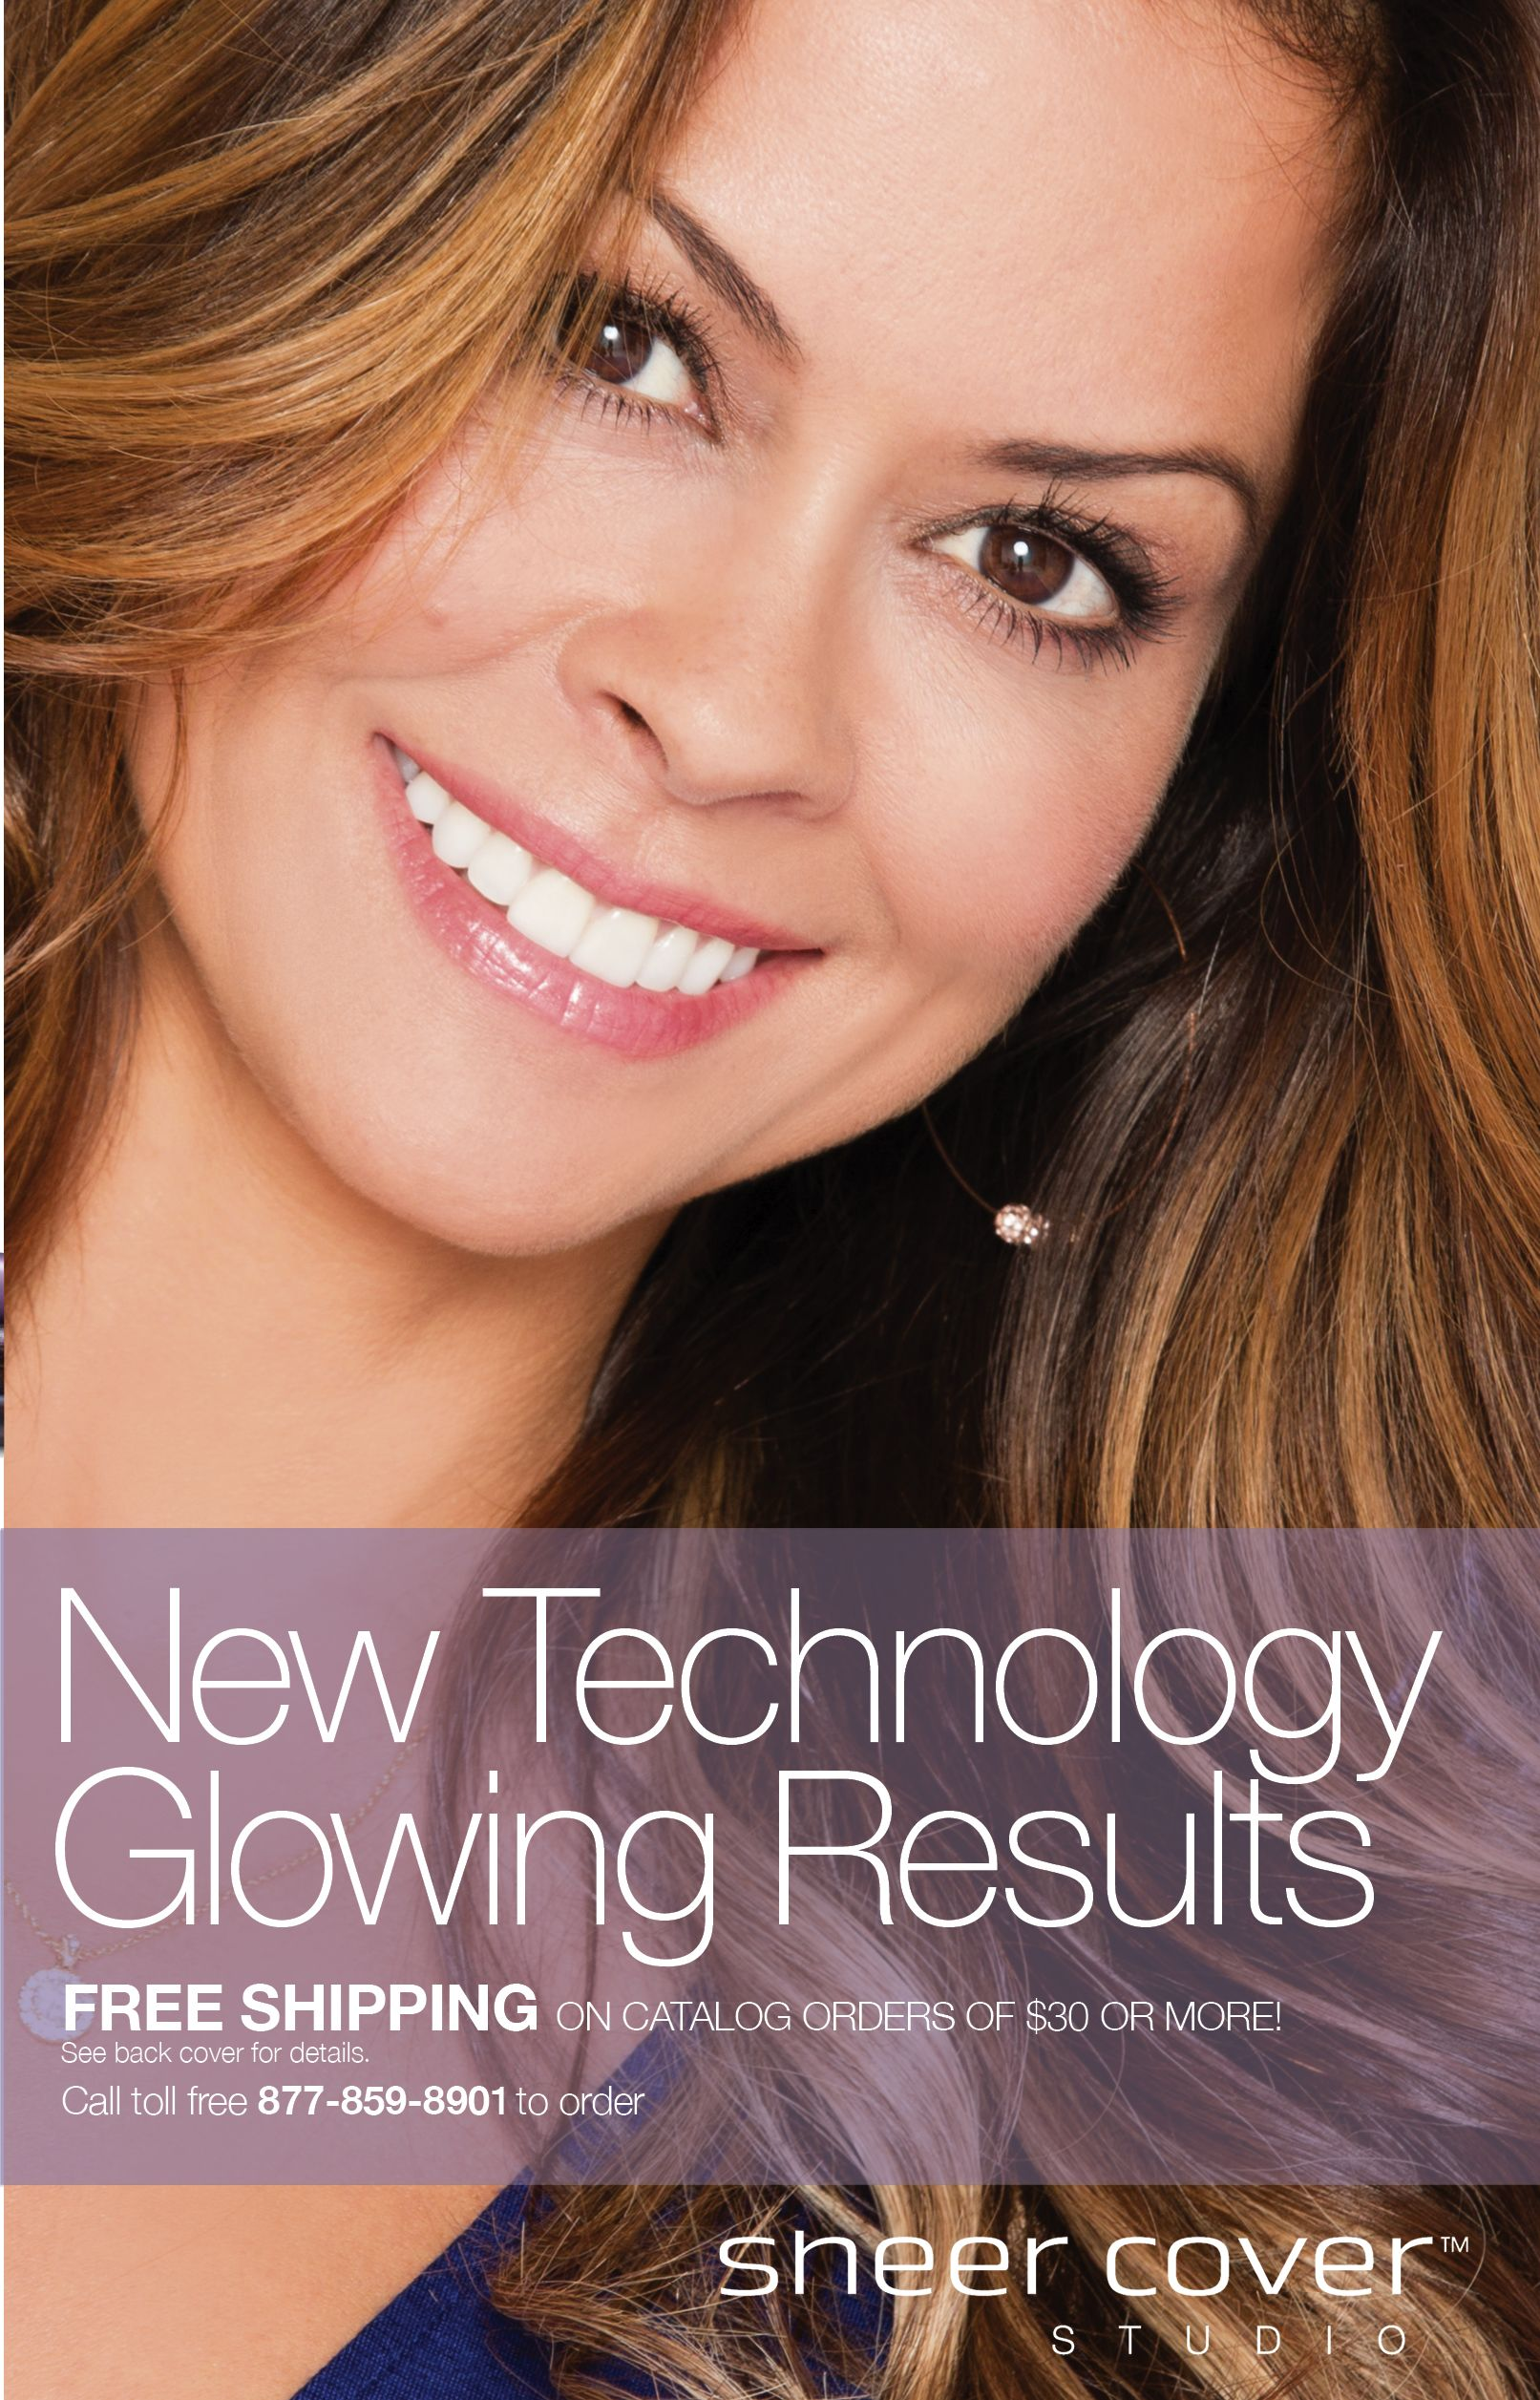 Sheer Cover Studio Catalog *BEAUTY SECRETS* Makeup